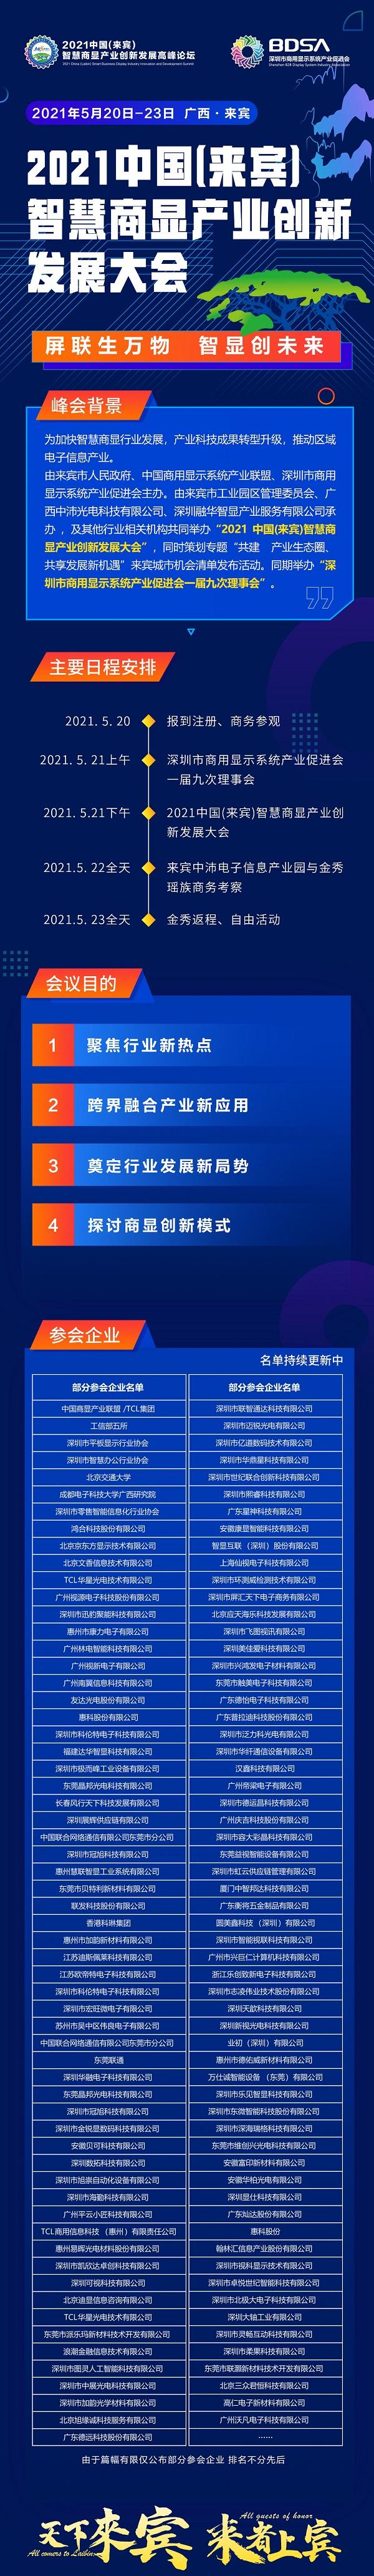 屏联生万物,智显创未来―2021 中国(来宾)智慧商显产业创新发展大会邀您共襄盛举